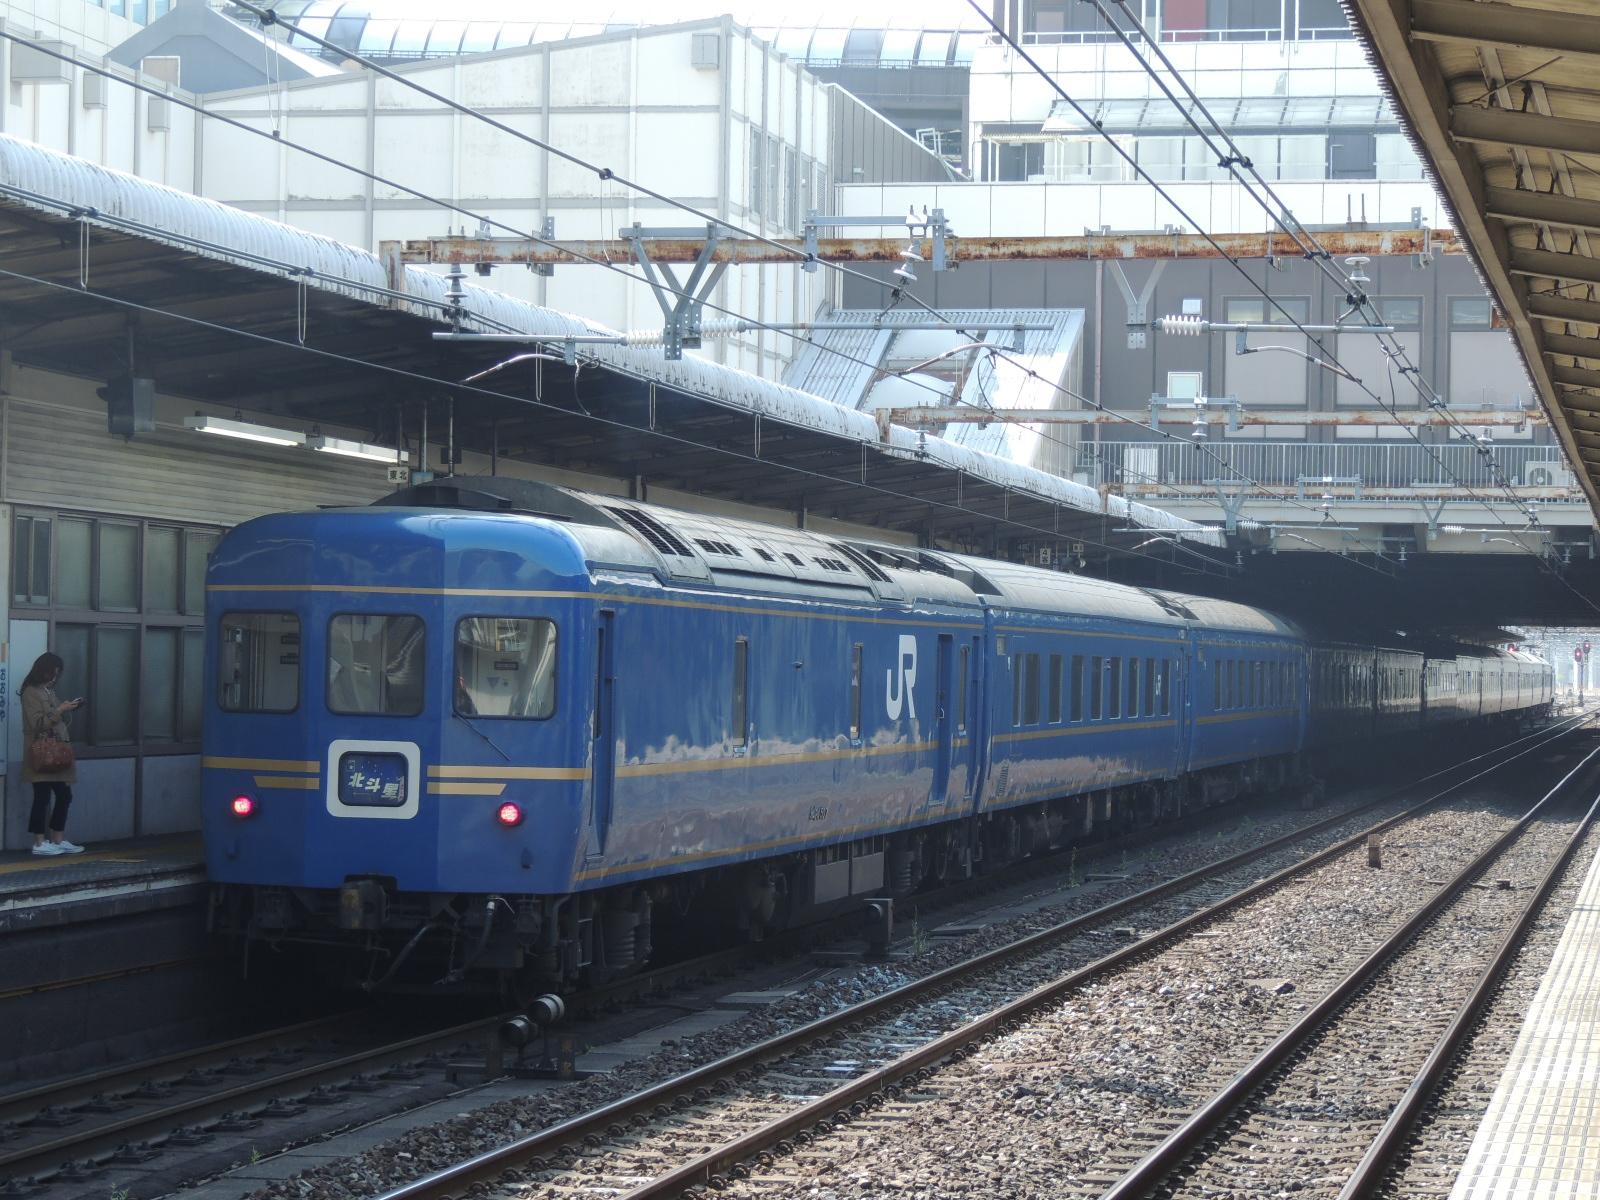 DSCN7707.jpg